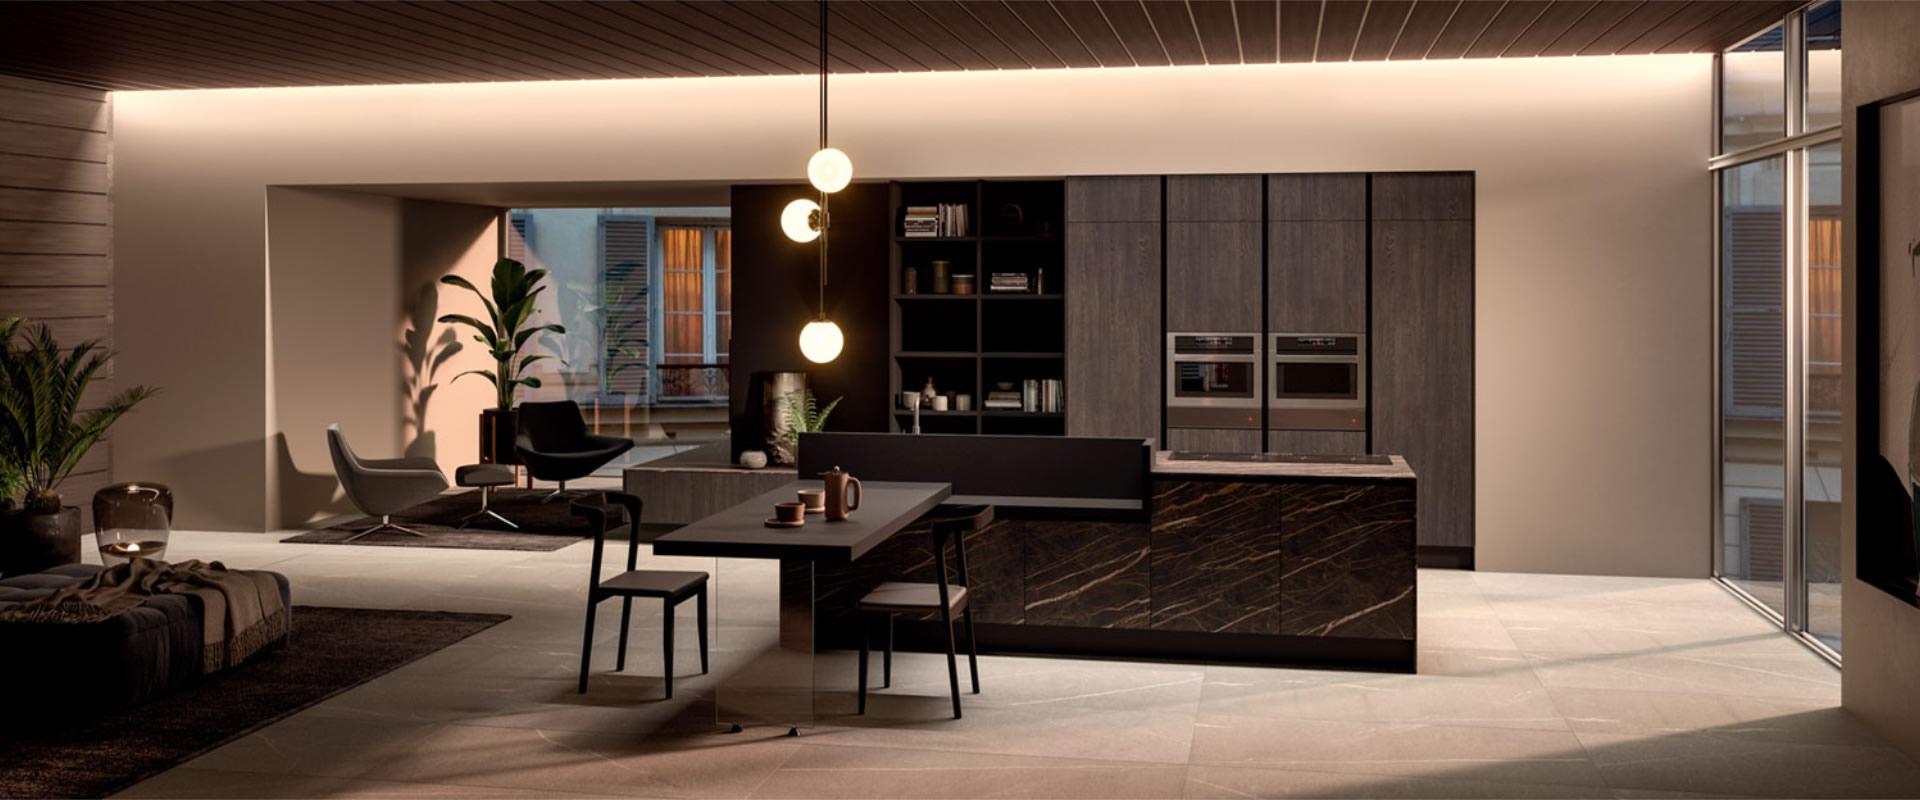 Cucine design Cesena – Cucine Moderne Cesena